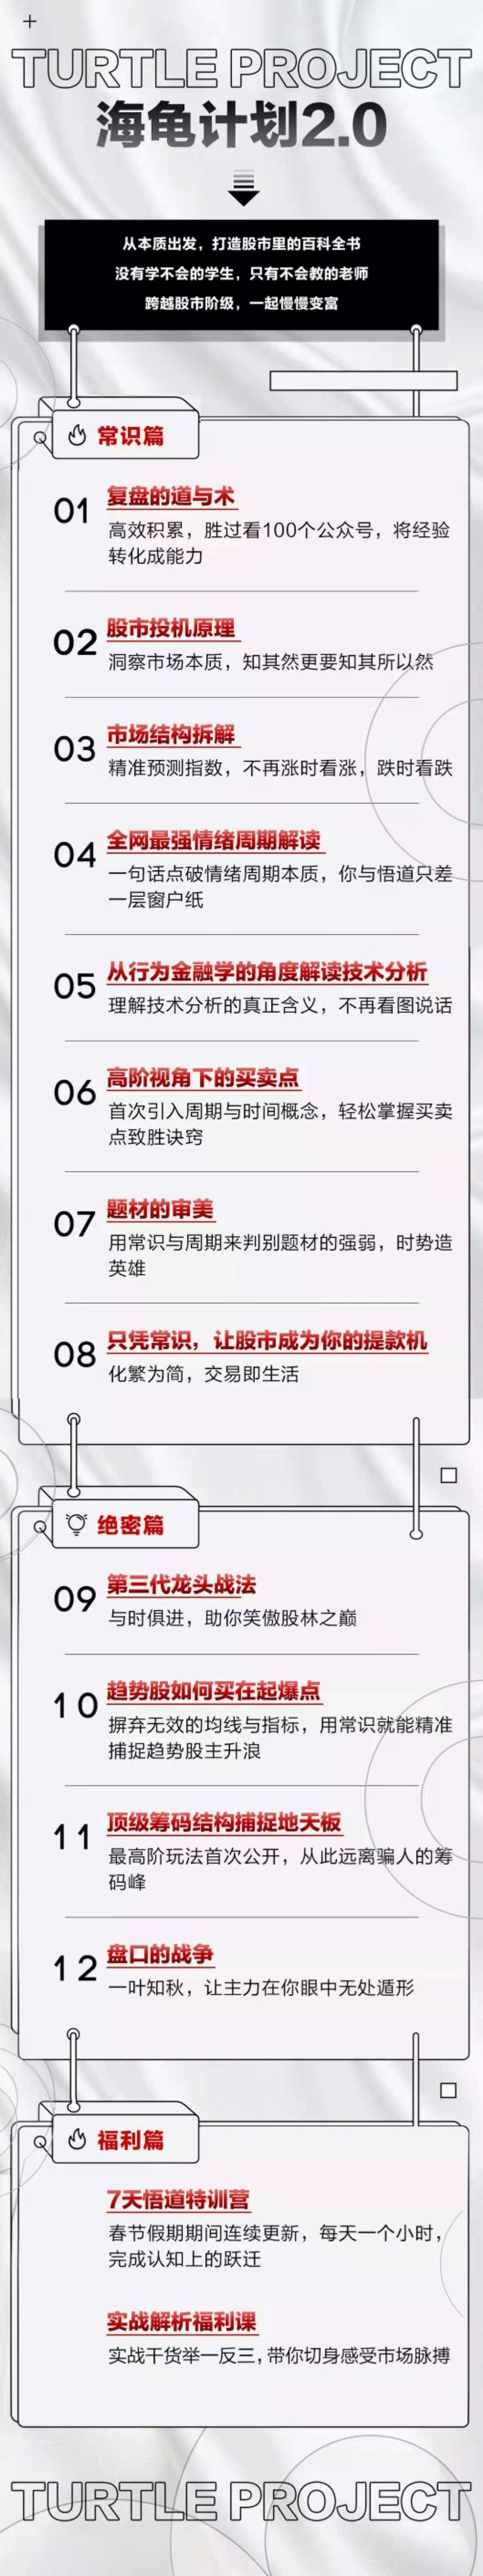 憨龟投机研习社2021《海龟计划2.0》视频+文档